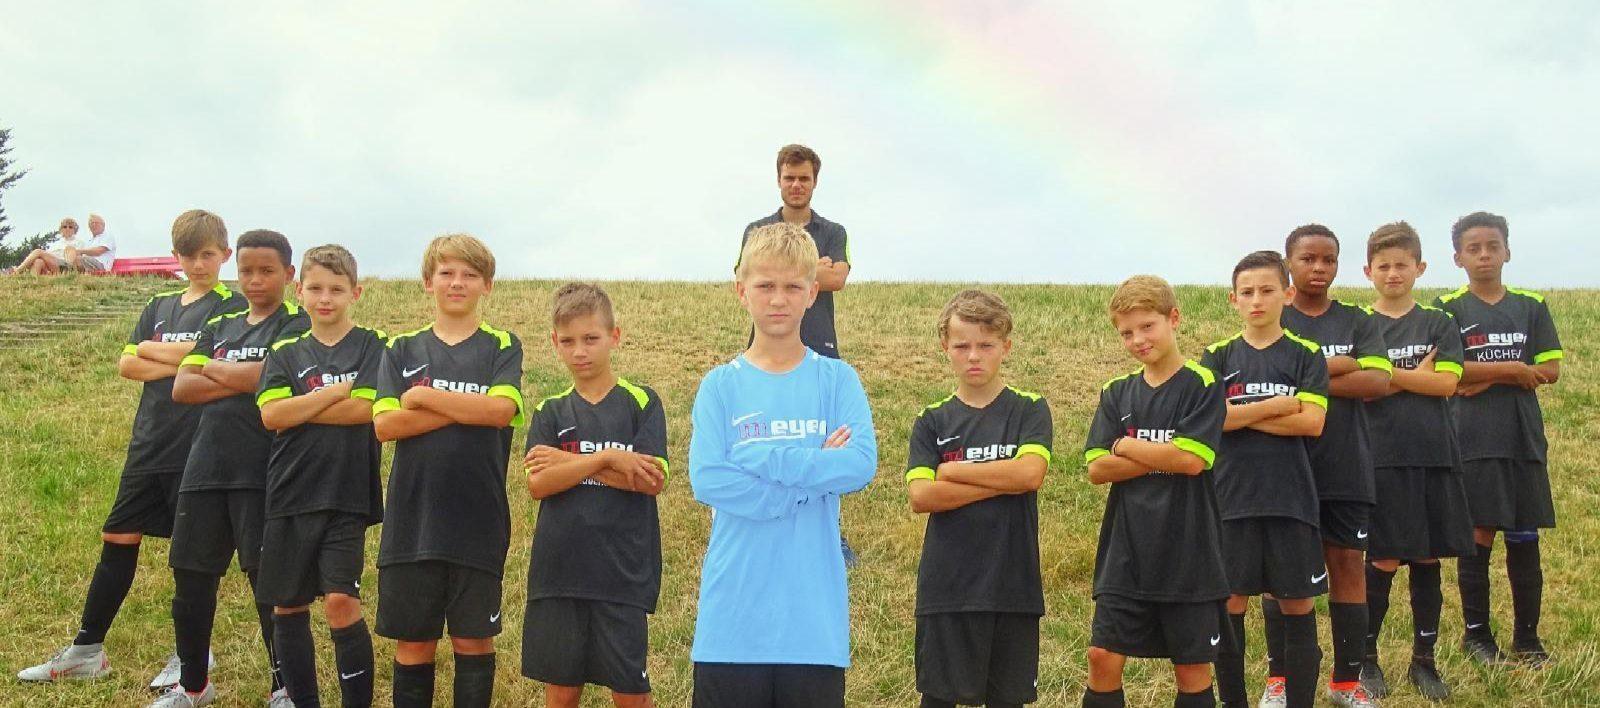 Gwharburg Jahrgang 2007 Mannschaftsfoto